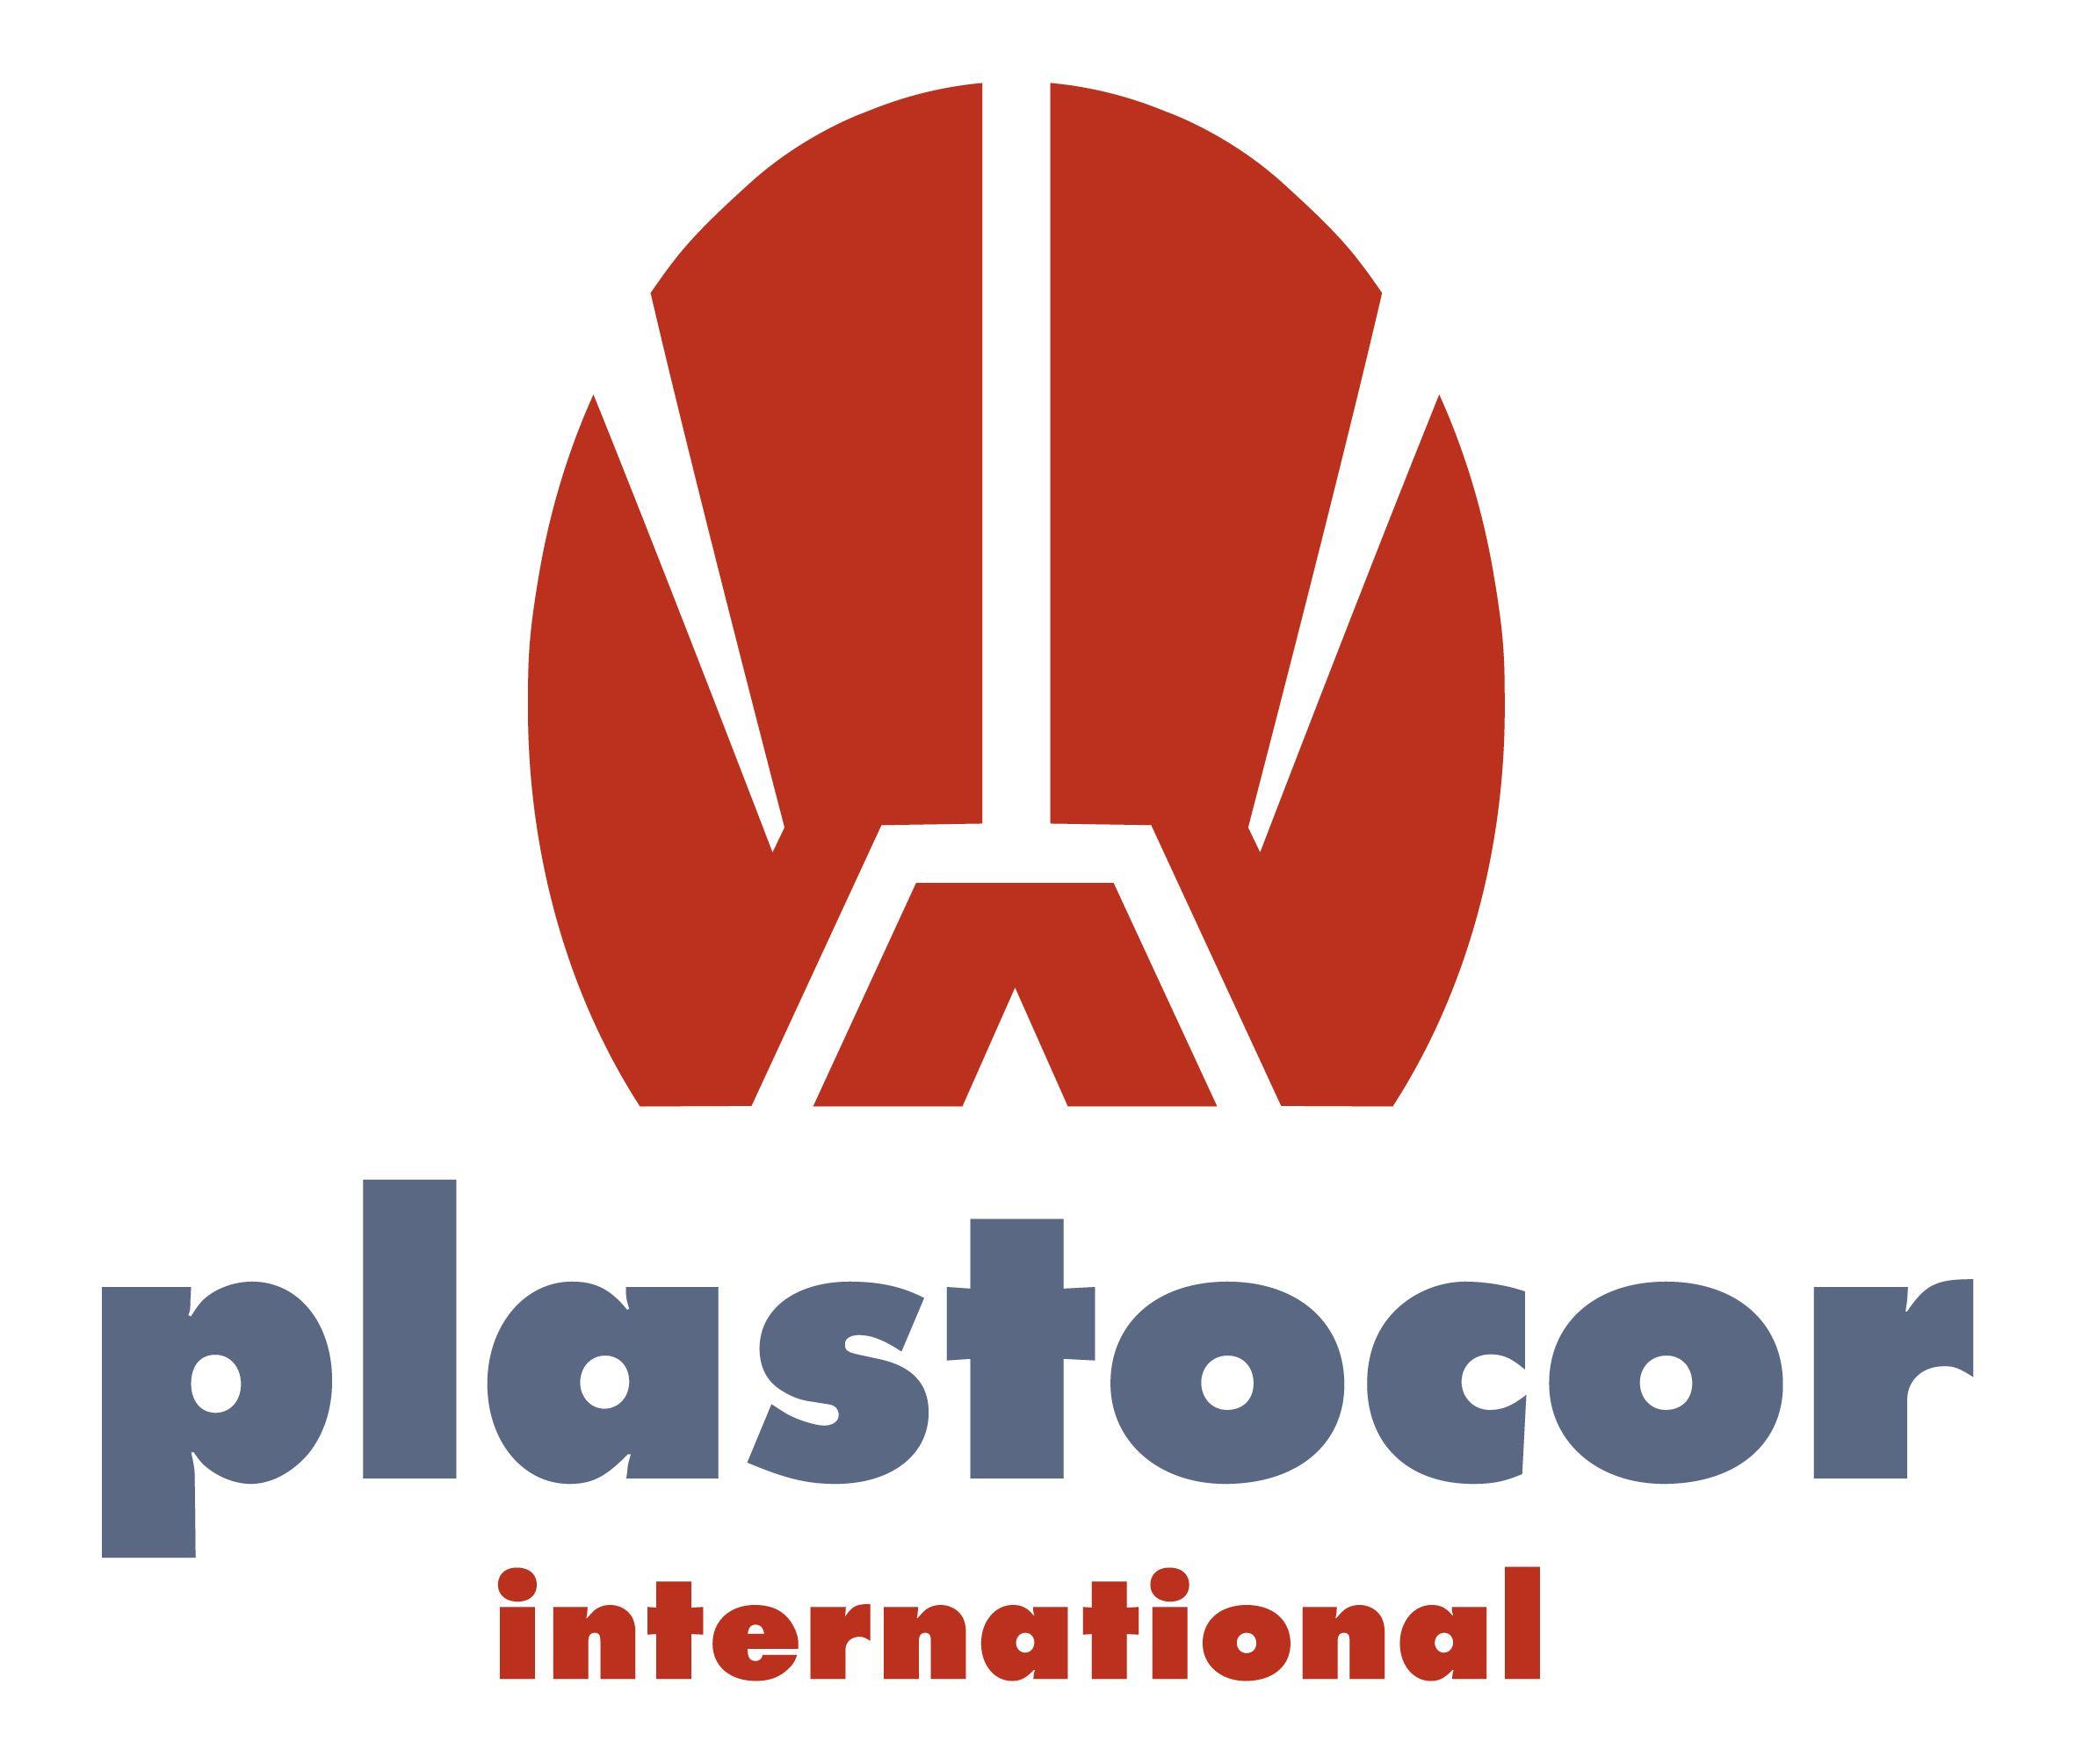 plastocor international SA